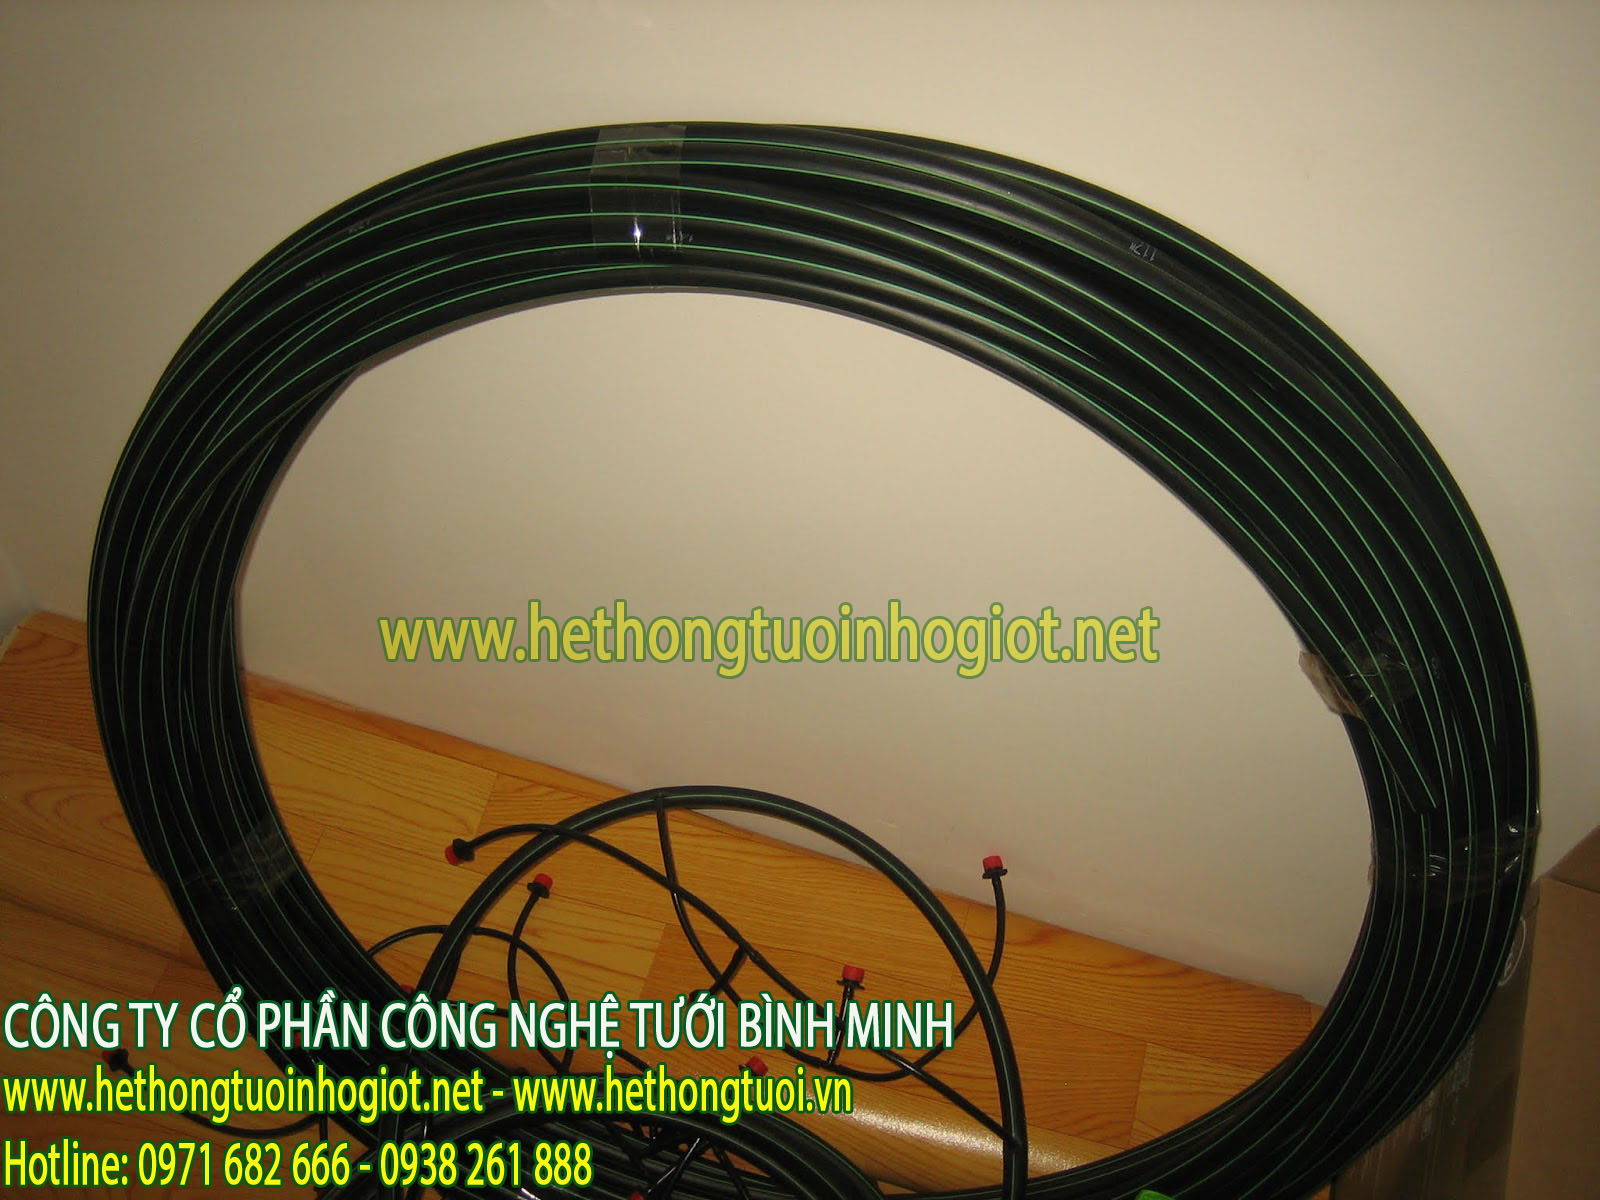 Hướng dẫn chọn cỡ ống tưới phù hợp